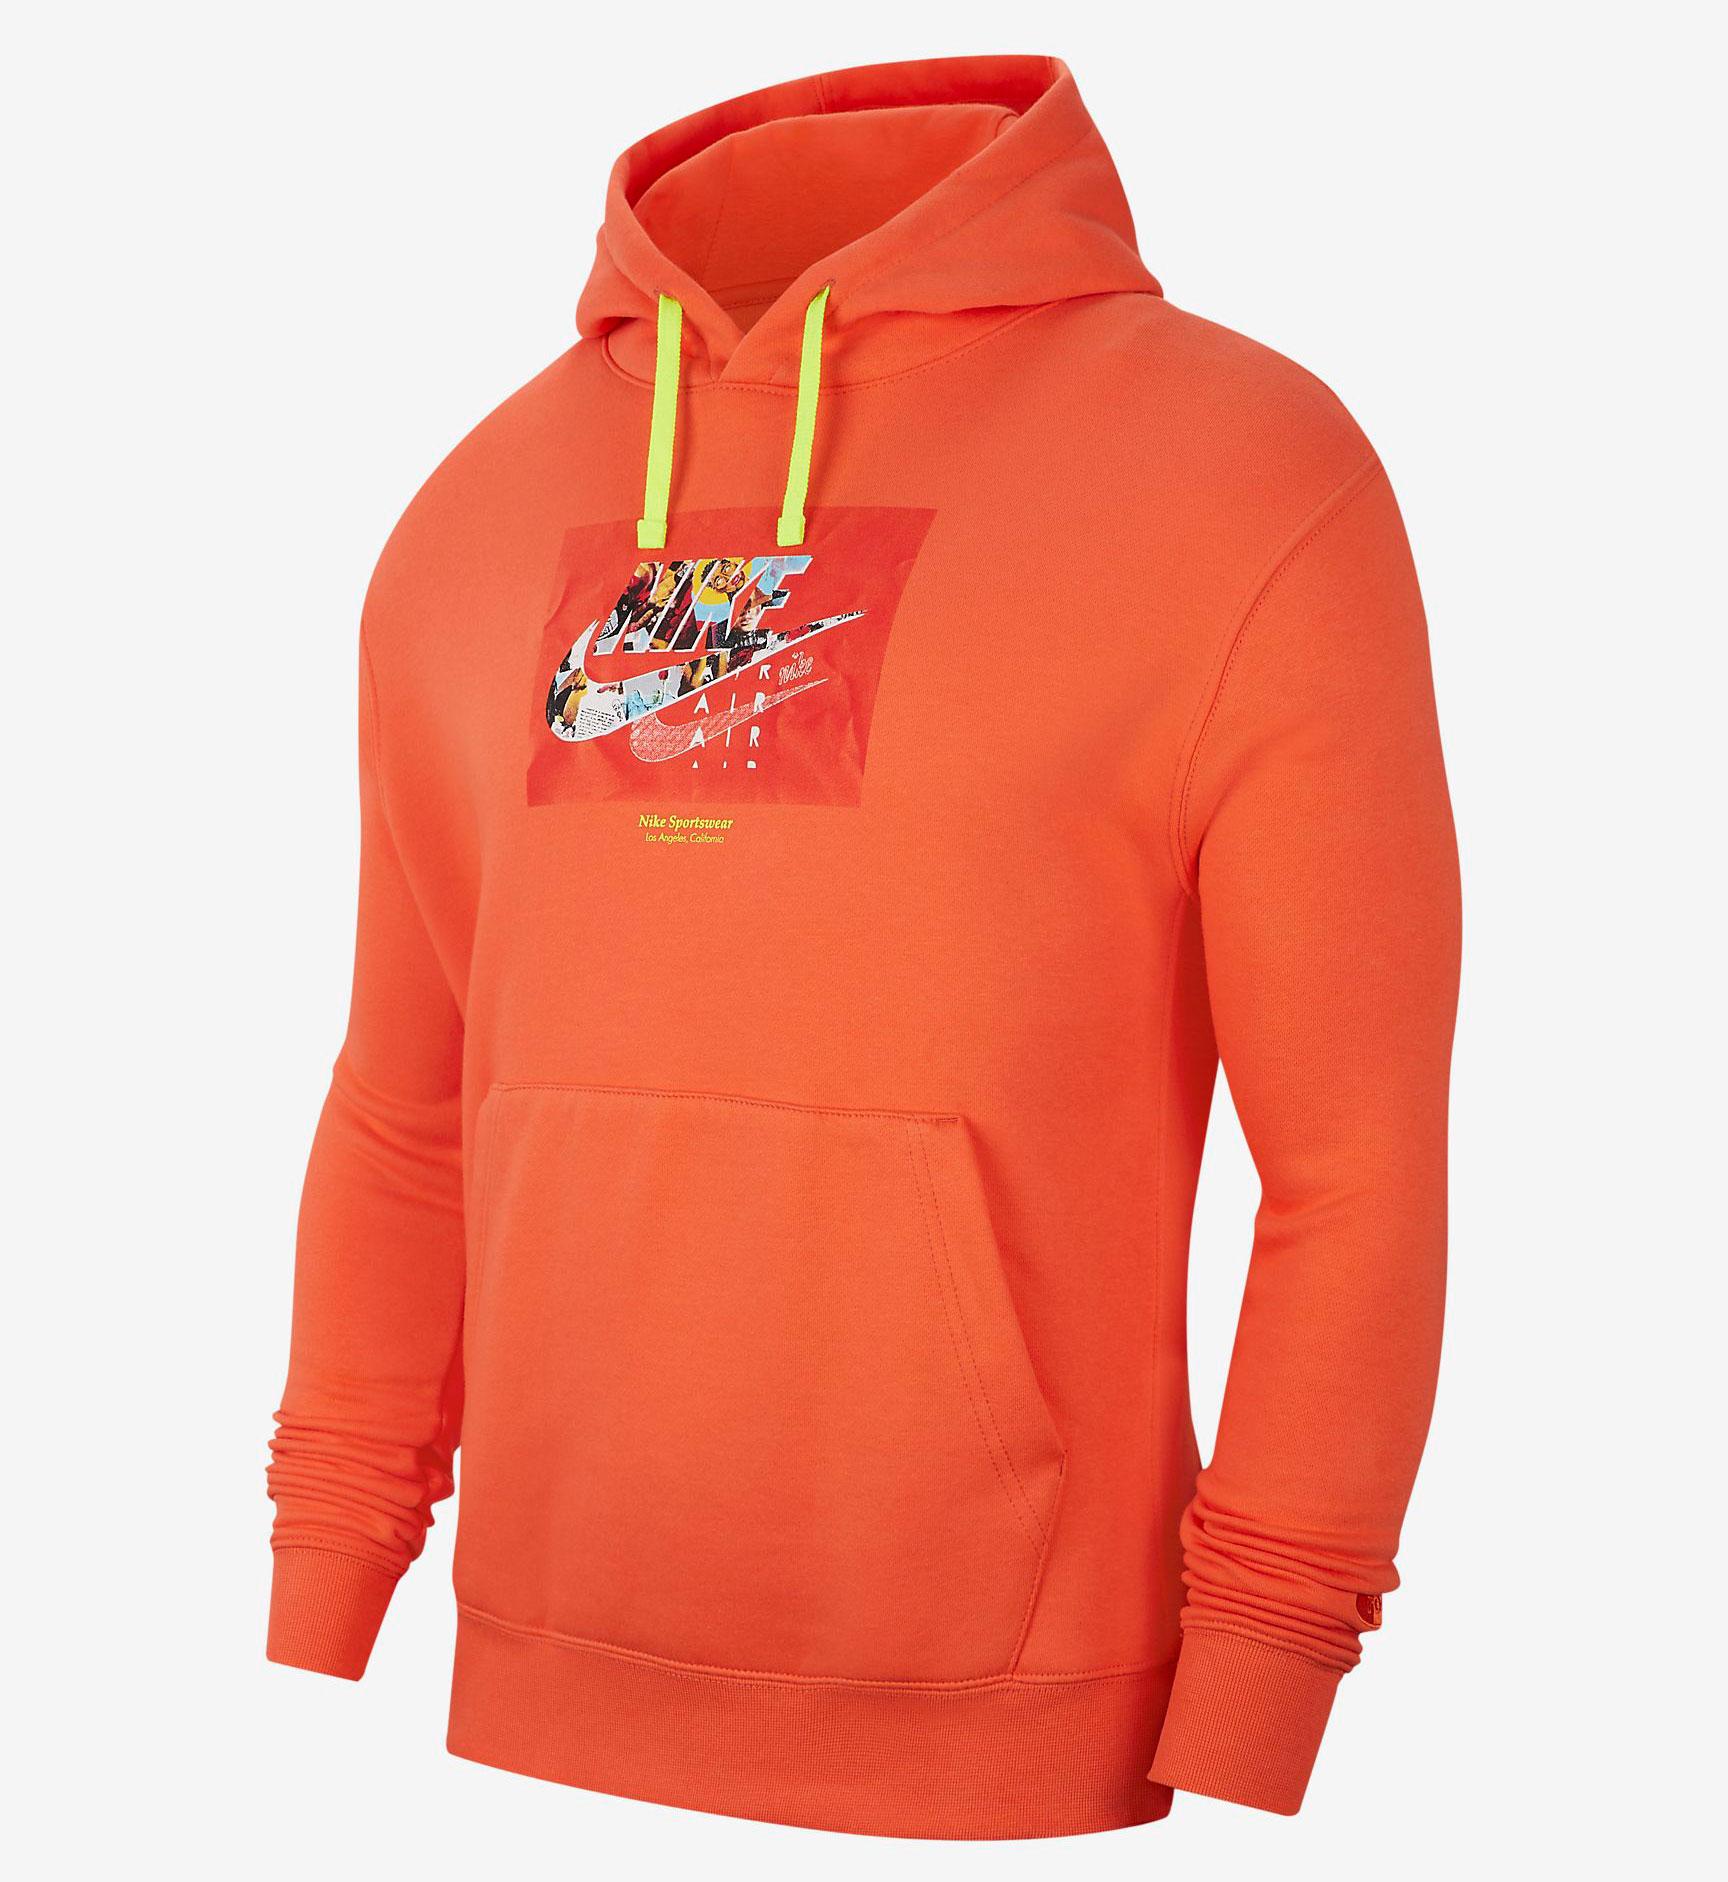 nike-sportswear-club-la-hoodie-2